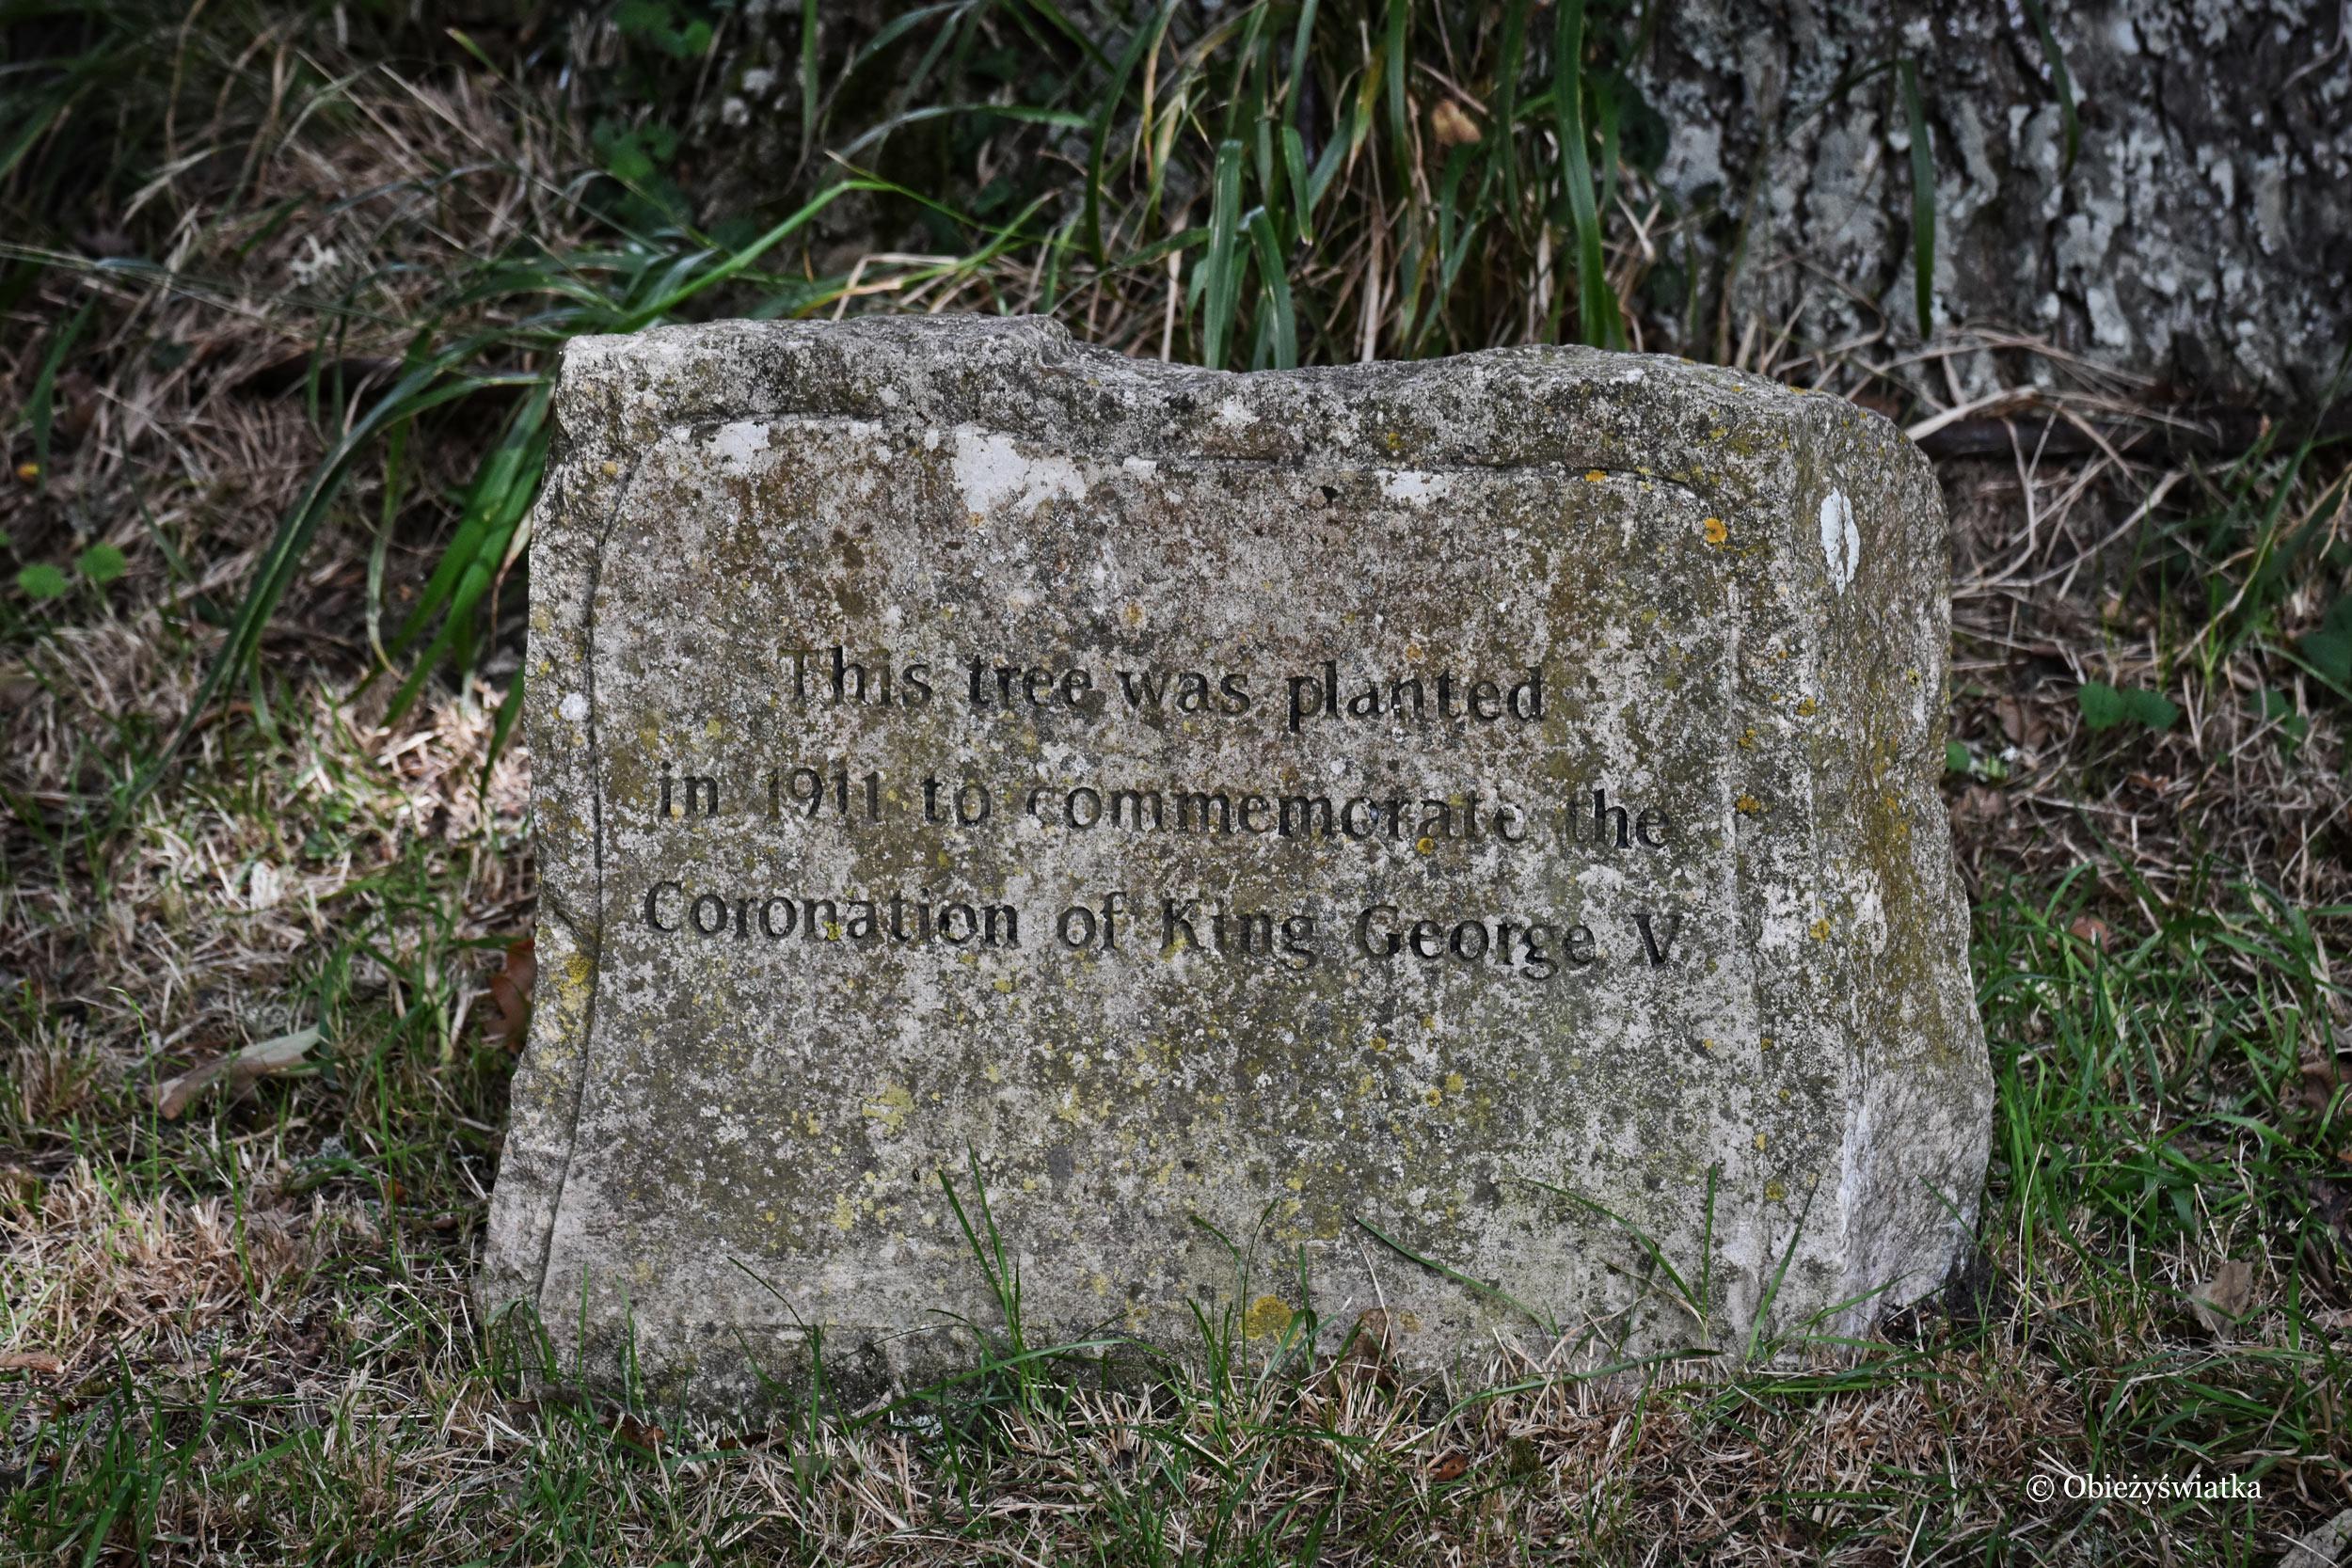 Tyneham - drzewo zasadzone na pamiątkę koronacji króla Jerzego V.